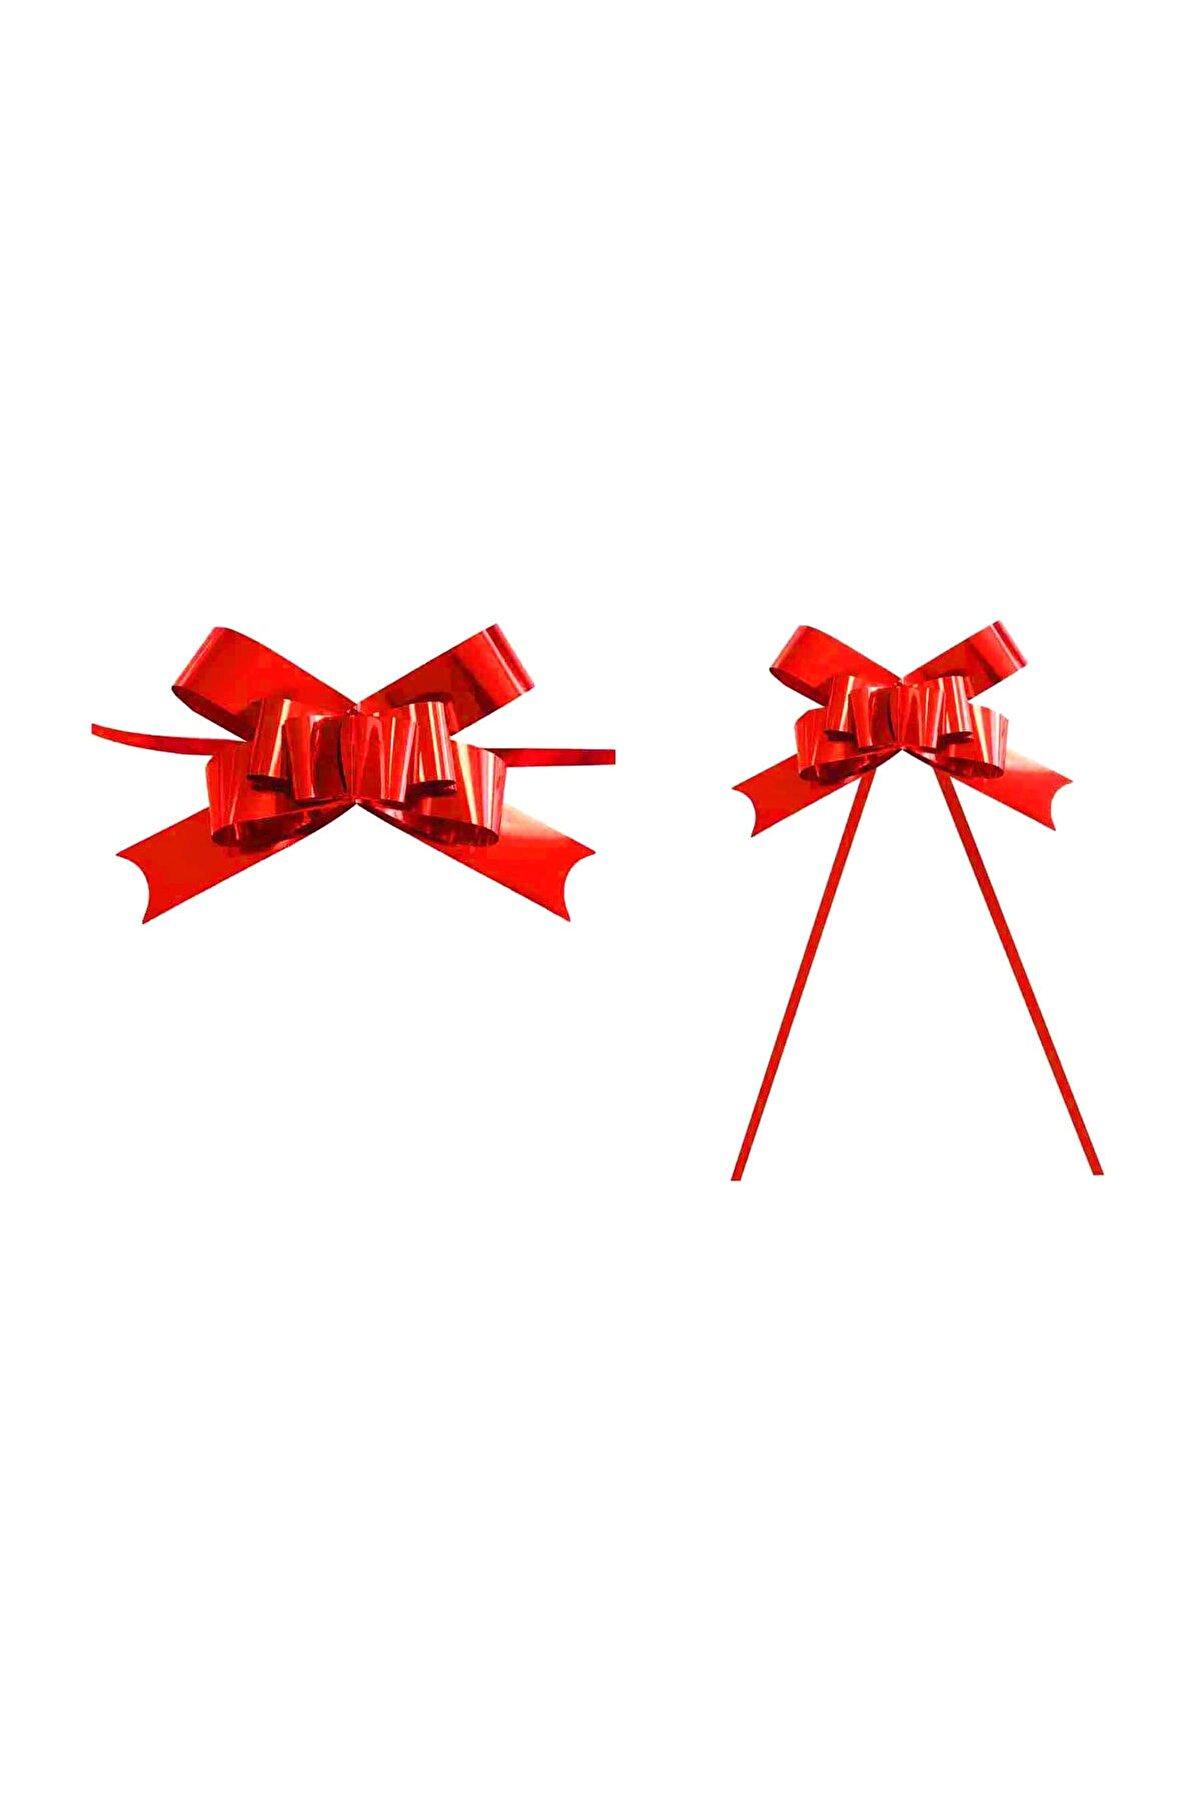 TT Tahtakale Toptancıları Rafyadan Metalize Çekmeli Hazır Fiyonk 2 CM (25 Adet)  Kırmızı